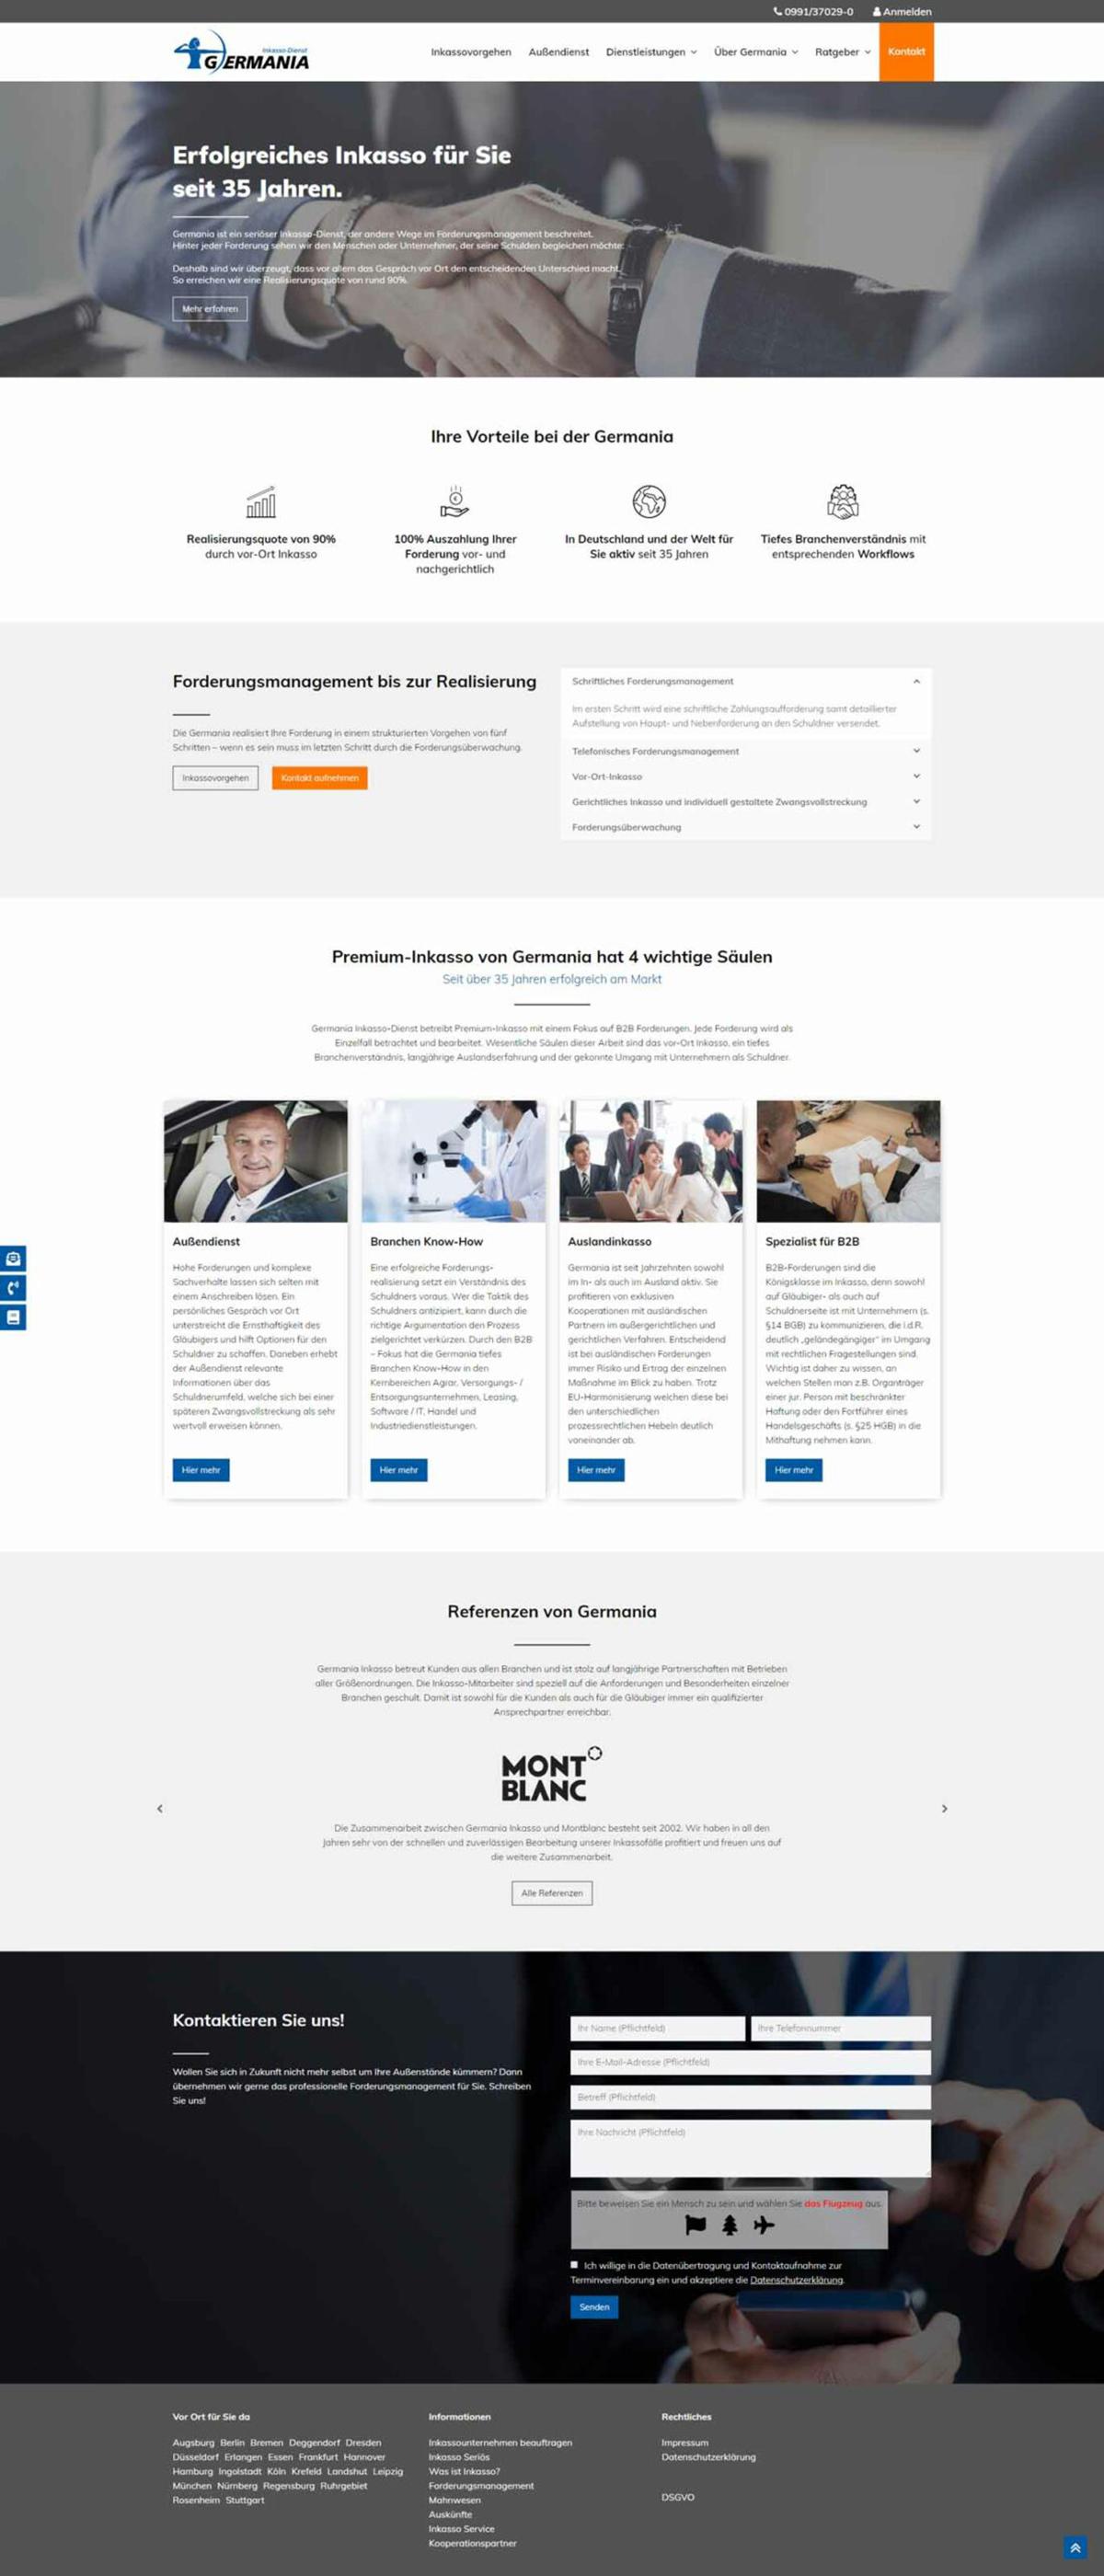 webdesign Rostock pxmedia.de